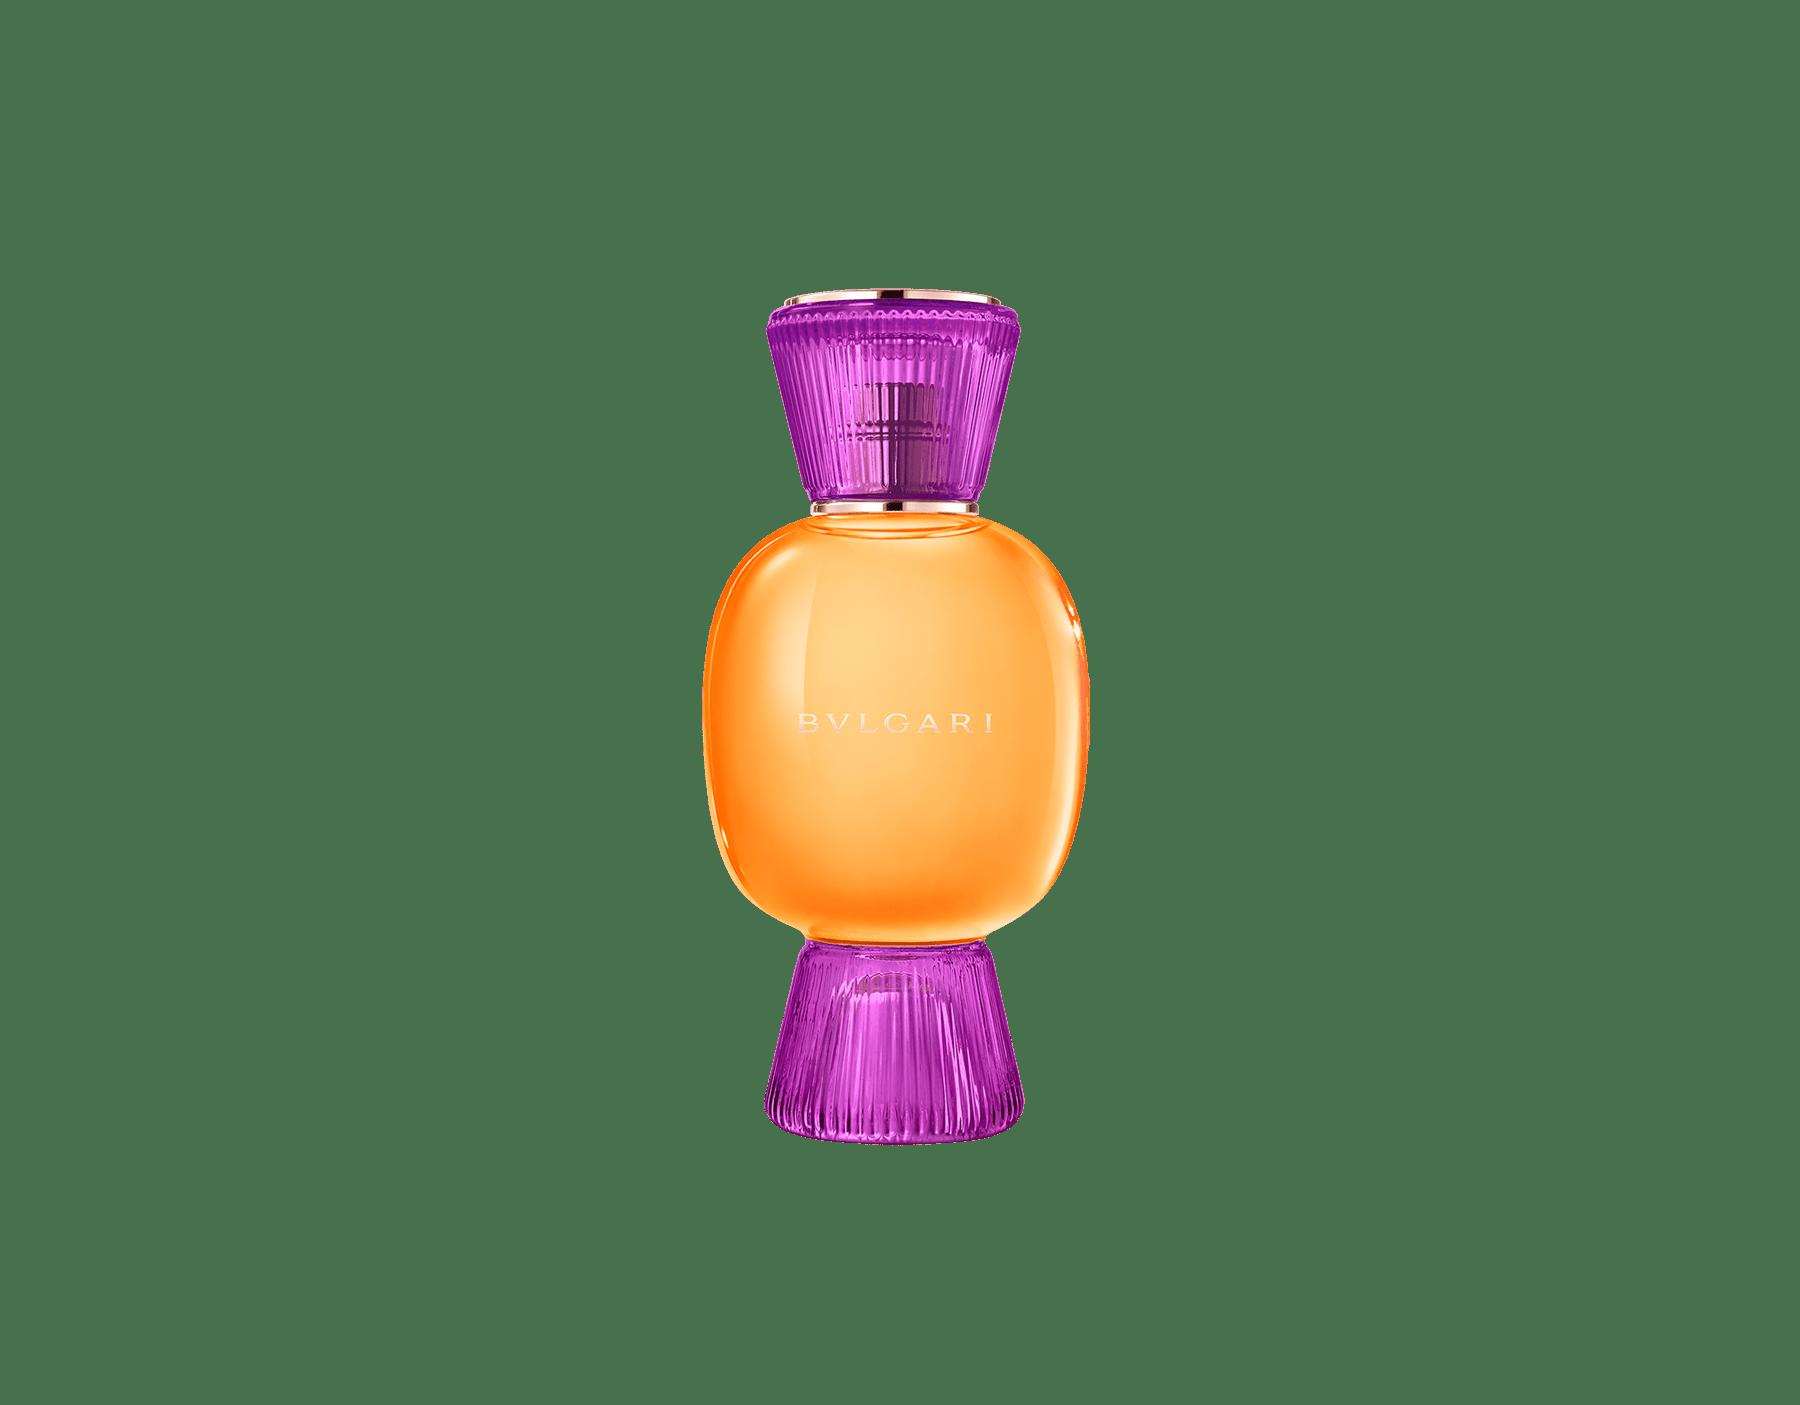 Эксклюзивный парфюмерный набор, вам под стать – такой же смелый и уникальный. В сочетании пьянящих цветочных нот парфюмерной воды Rock'n'Rome Allegra и соблазнительного благоухания эссенции Magnifying Vanilla рождается неотразимый женский аромат с индивидуальным характером.  Perfume-Set-Rock-n-Rome-Eau-de-Parfum-and-Vanilla-Magnifying image 2